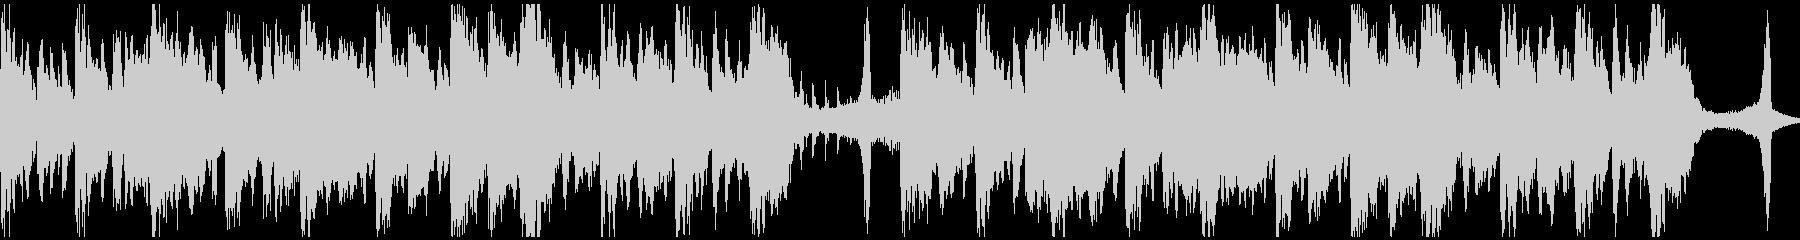 モダン 実験的 ほのぼの 幸せ フ...の未再生の波形